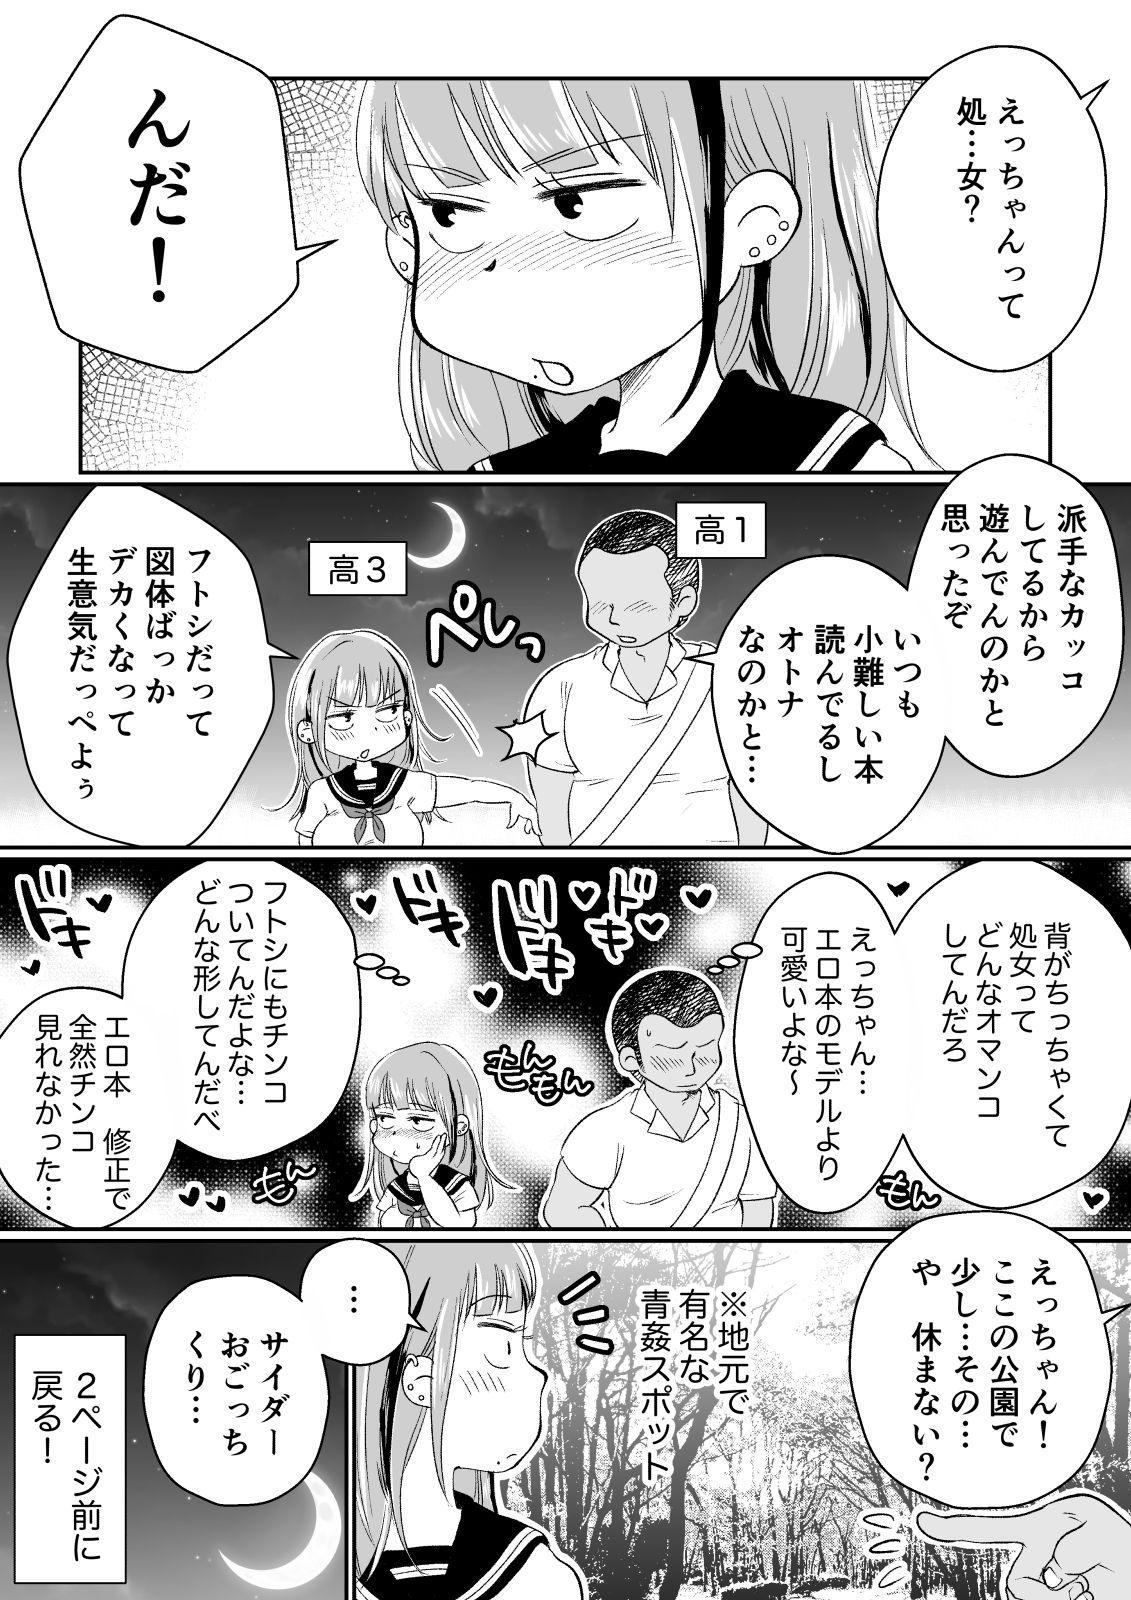 Batsuichi Hitozuma, Moto Danna no Ero Massage ni Ochiru! 81